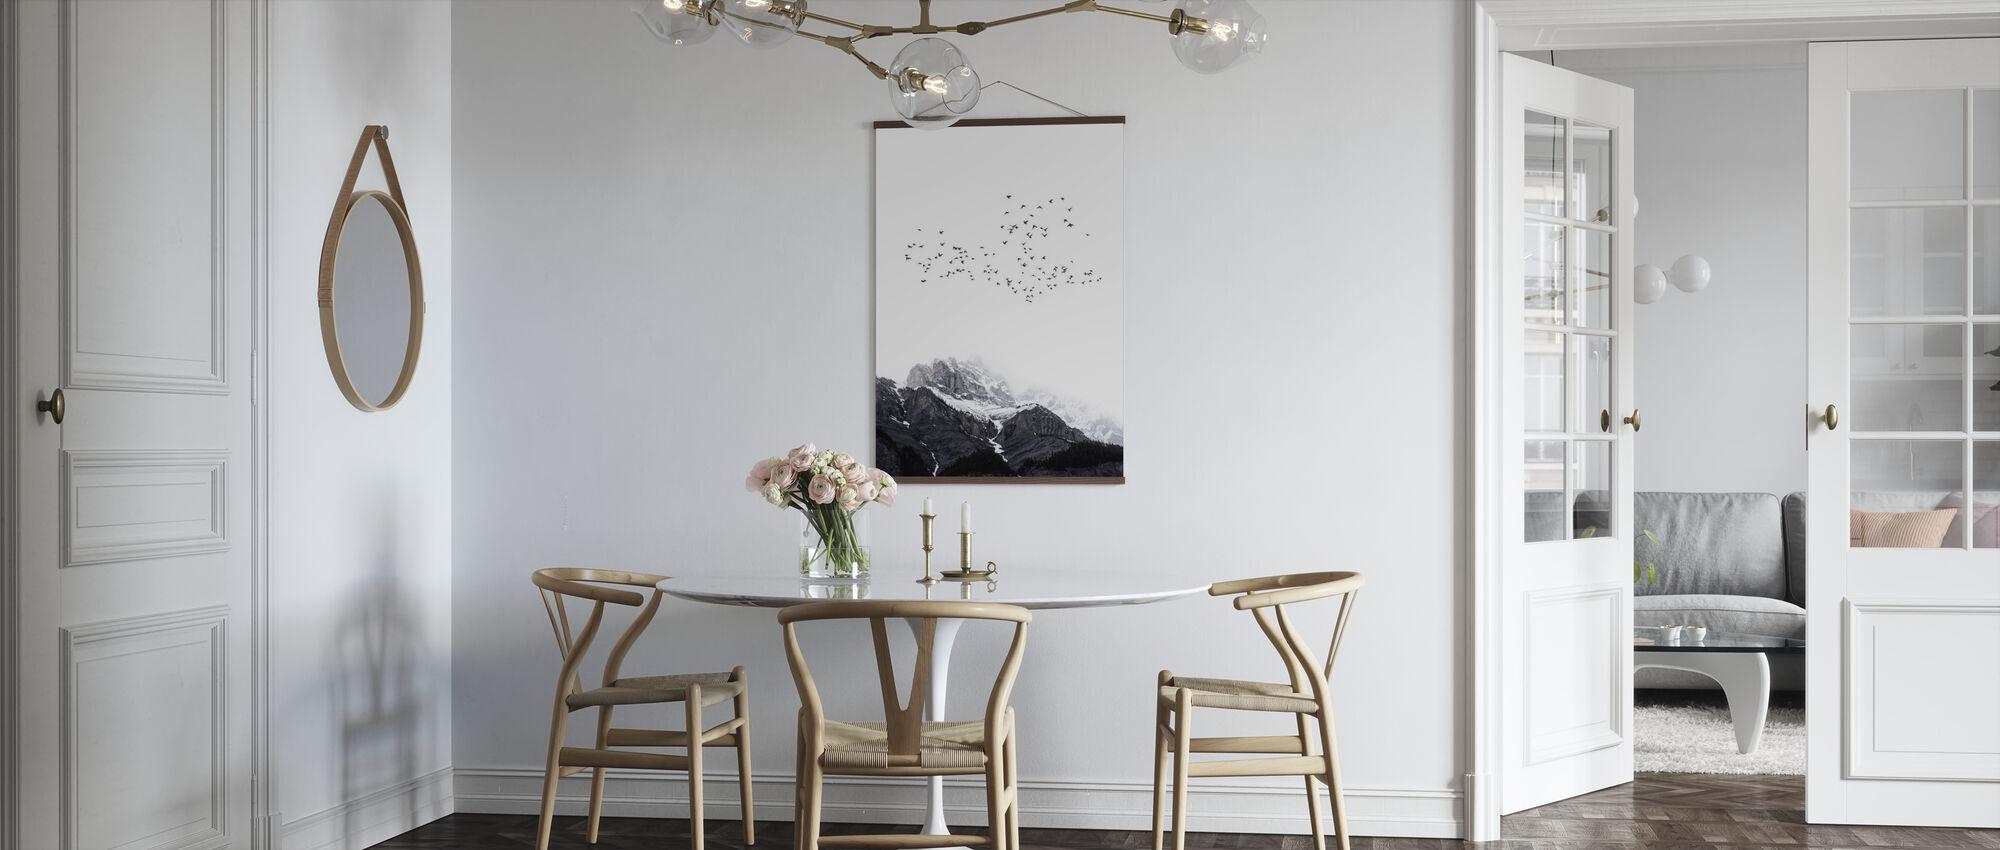 Top van de wereld - Poster - Keuken